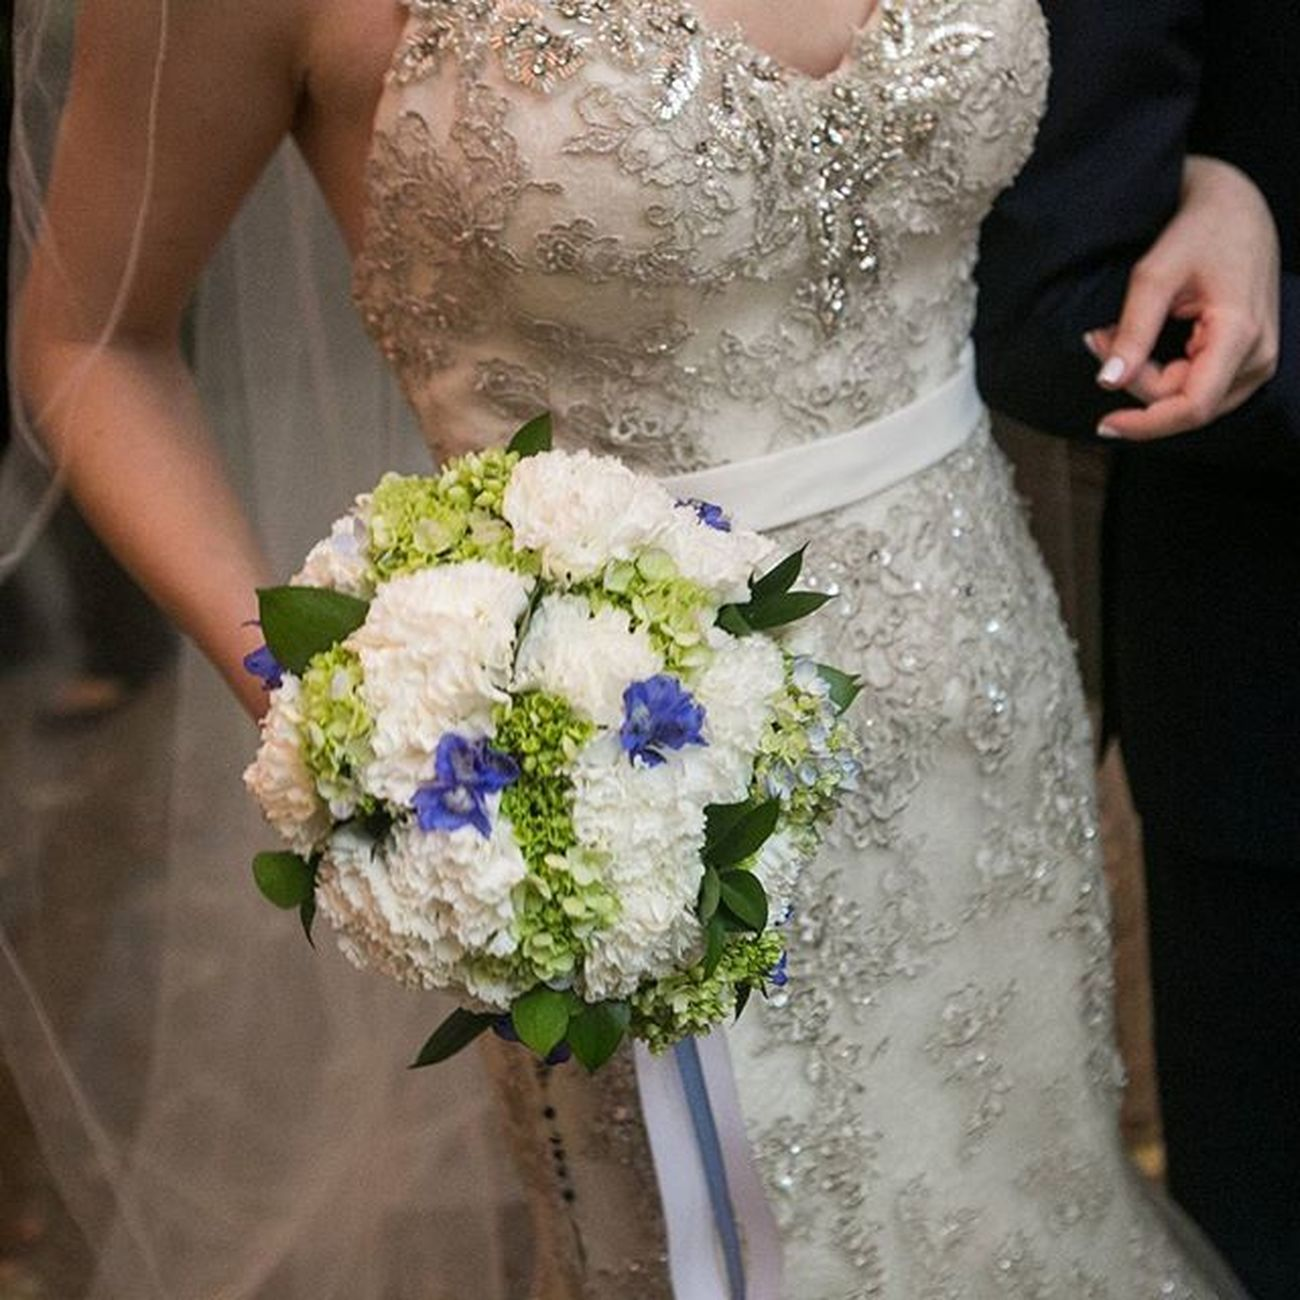 Bouquet lindo azul e branco com fitas......essa nossa noivinha tem um bom gosto viu?! Casamento em São Paulo. Weddingdecor Decoracaodecasamento Eventdesign Buquedenoiva Bouquet Weddingbouquet Buque Weddingdress Bridebouquet Wedding Weddingarrangement Hortênsias WeddingFlowers Flores Florist Casamento